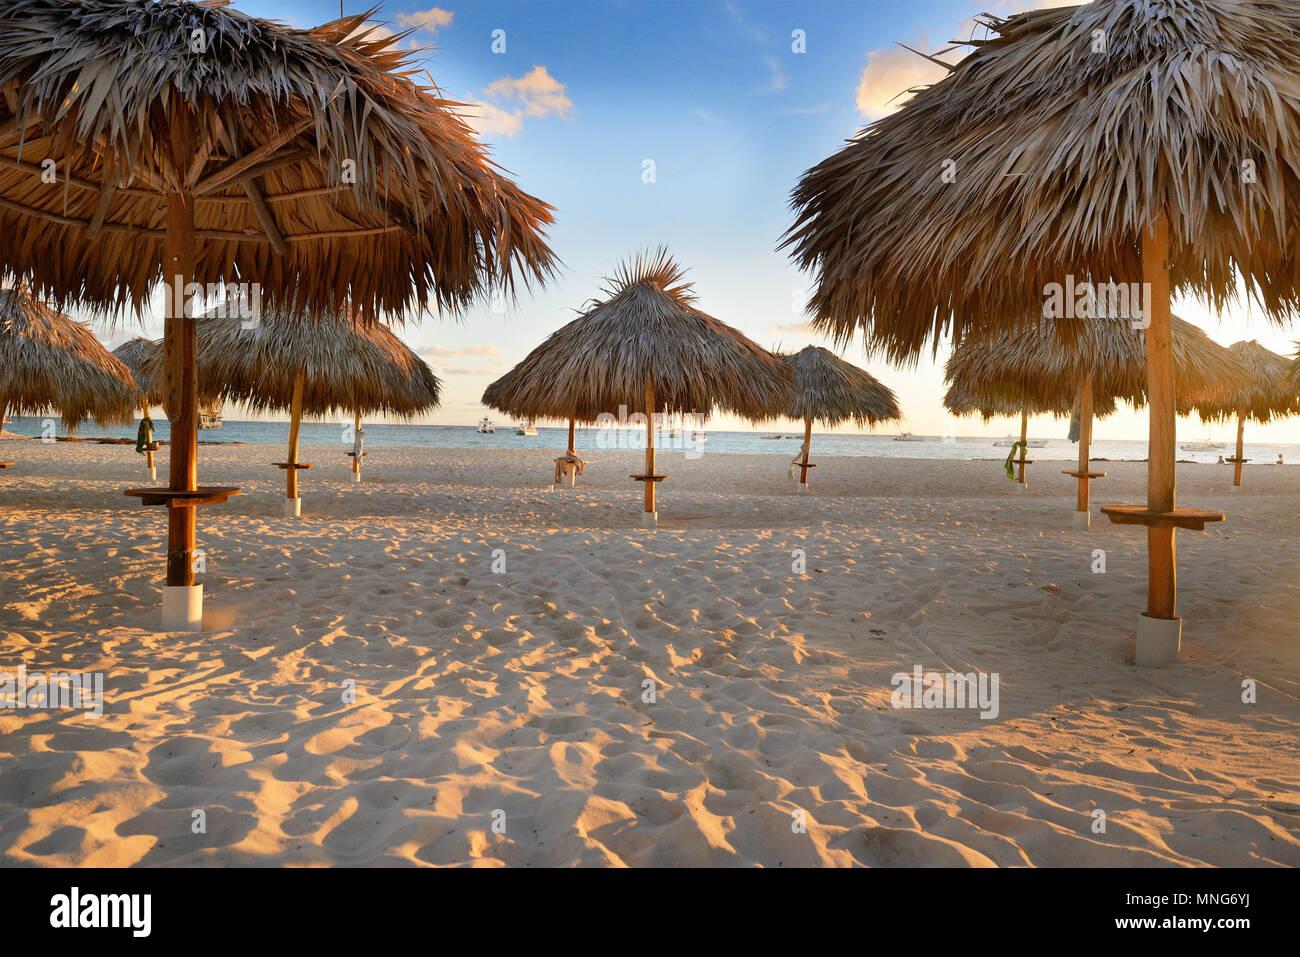 Vacances tropicales étonnantes. Parasols sur la plage. Paradis tropical. Des Caraïbes. Punta Cana. République Dominicaine Photo Stock